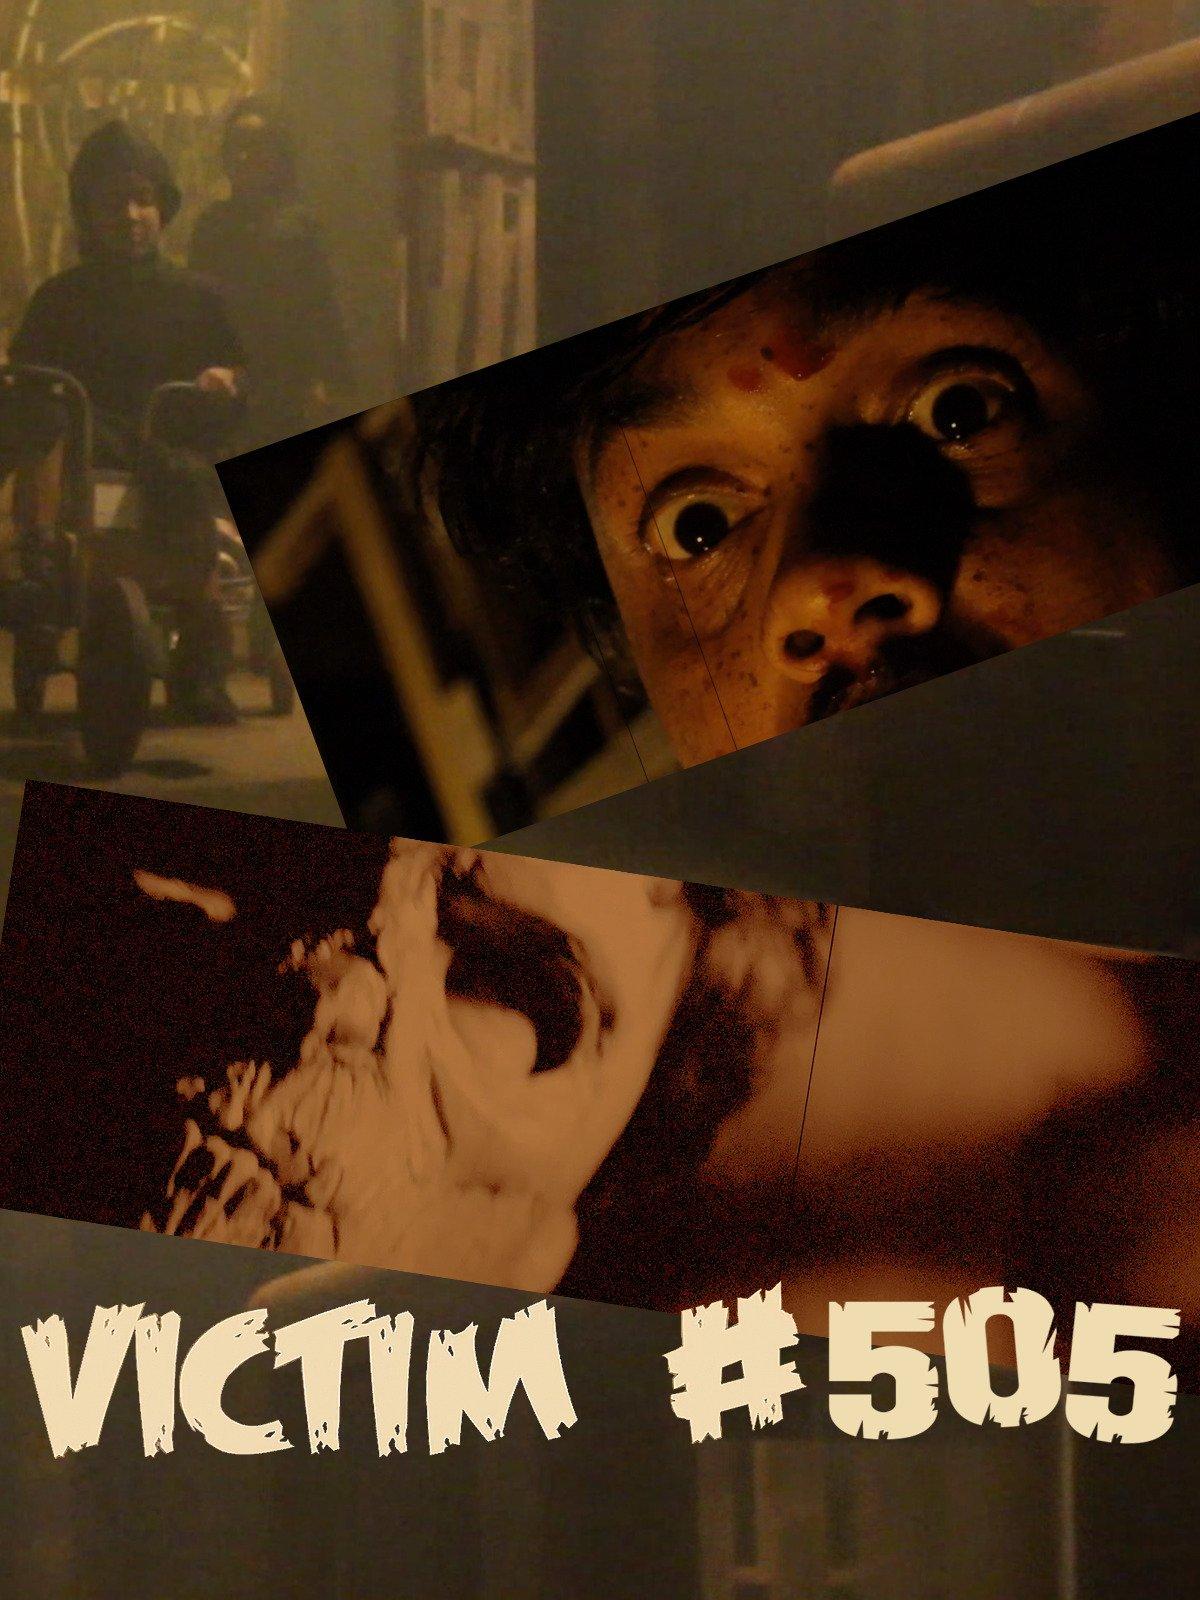 #Victim 505